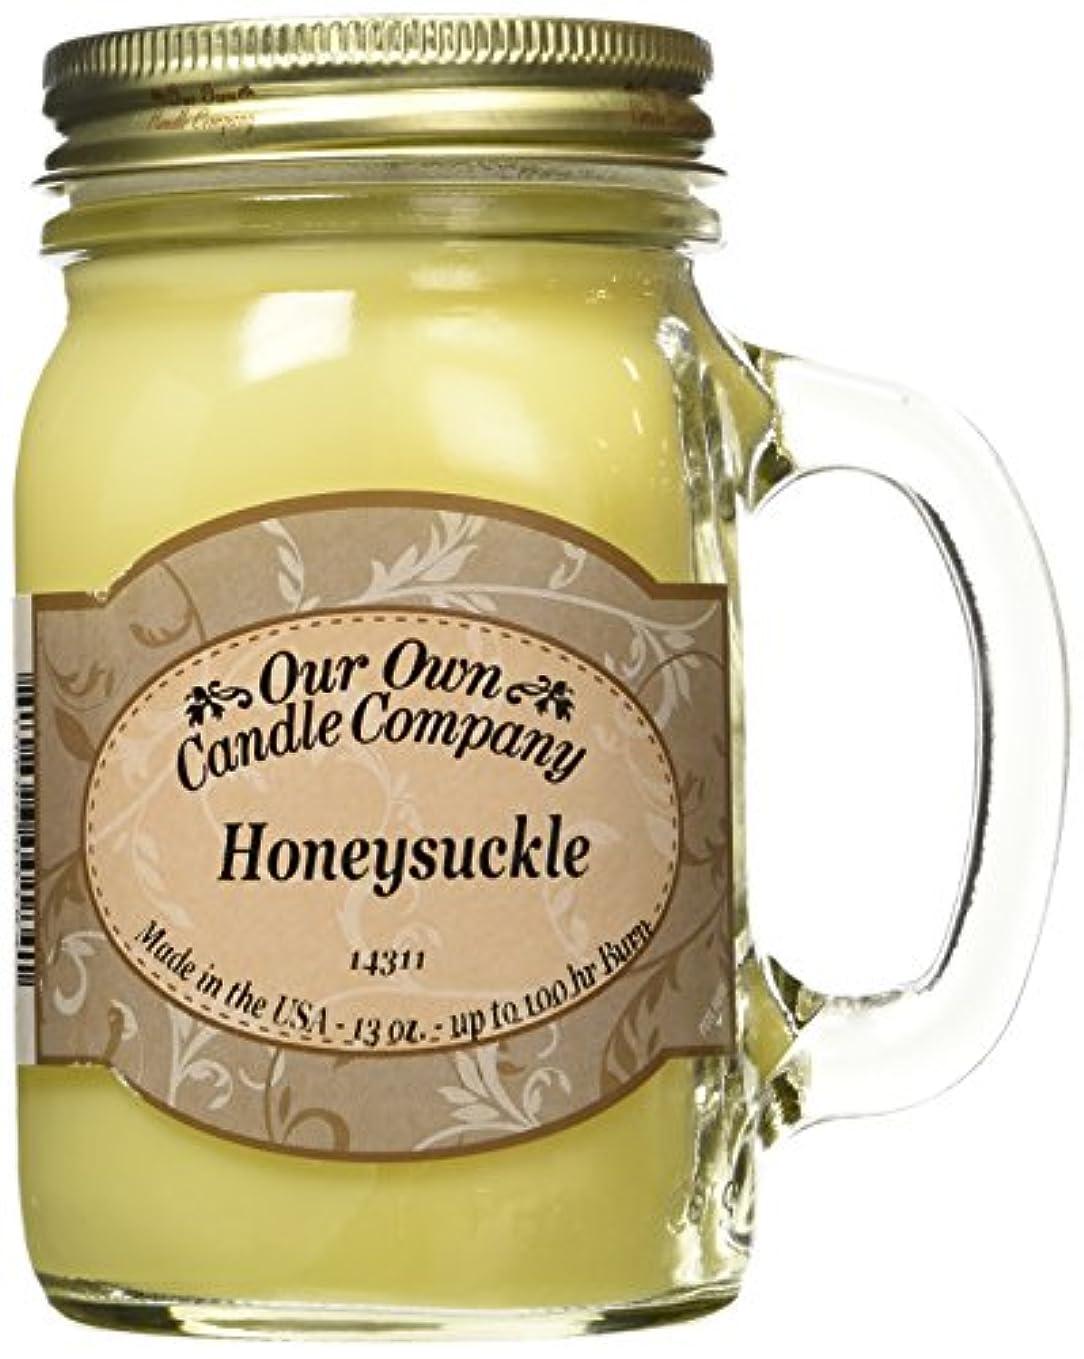 冷ややかな作ります義務付けられたアロマキャンドル メイソンジャー ハニーサックル ビッグ Our Own Candle Company Honeysuckle big 日本未発売フレグランス